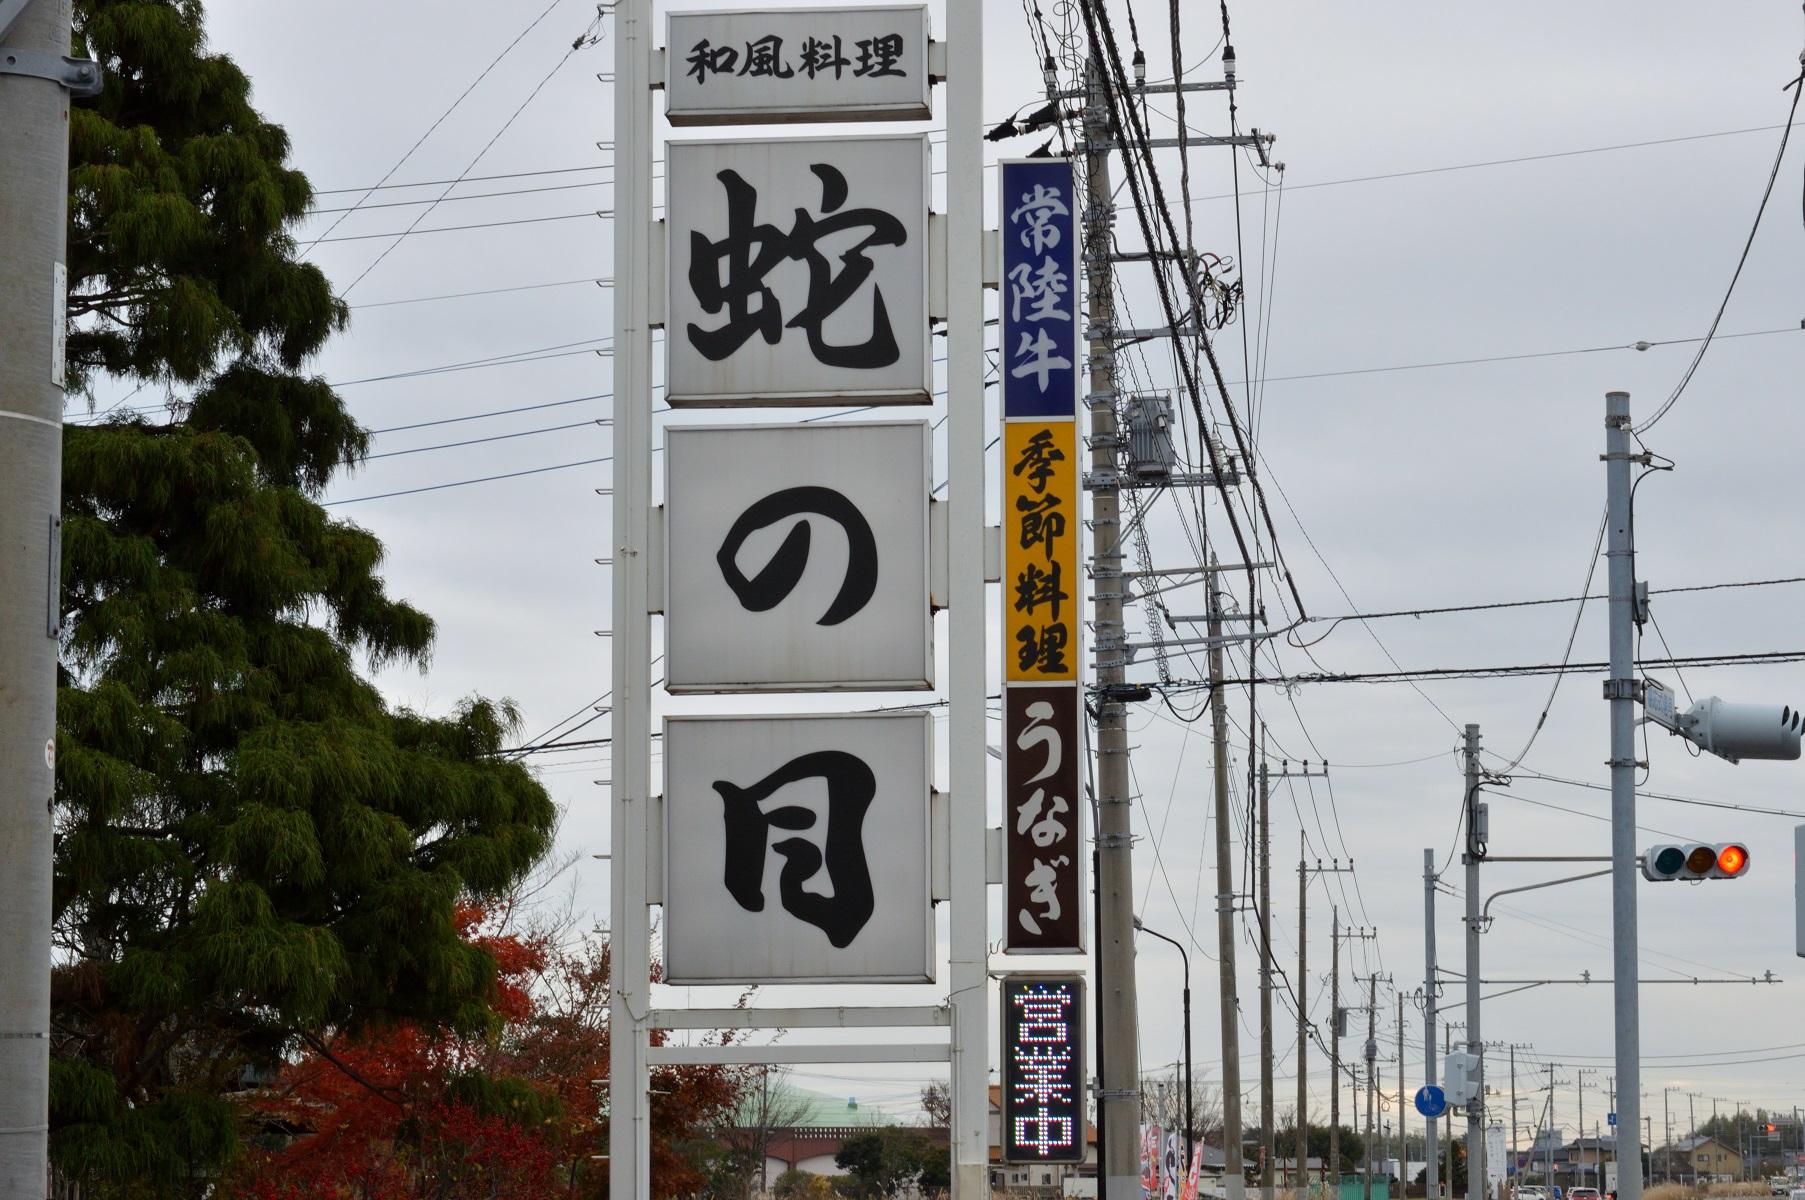 茨城県ひたちなかし 蛇の目 外観 (5)